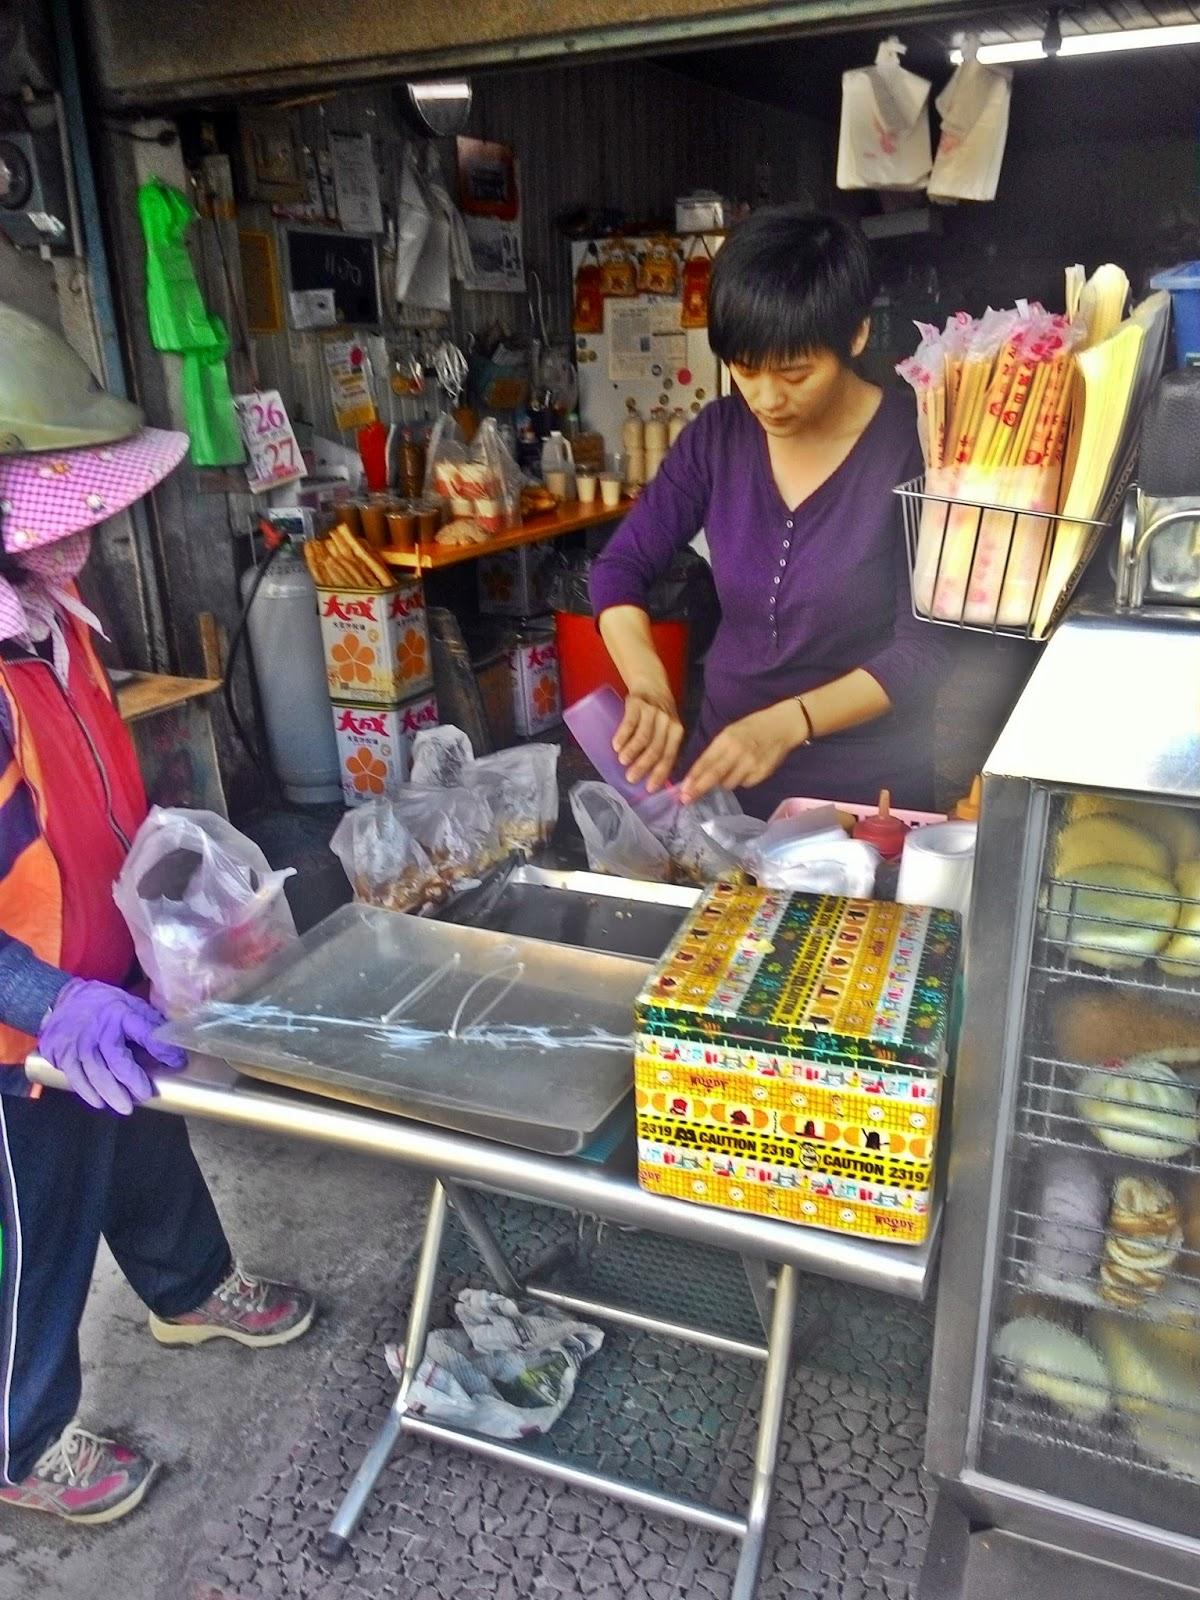 阿堡的世界: [車城] 兩姐妹早餐店